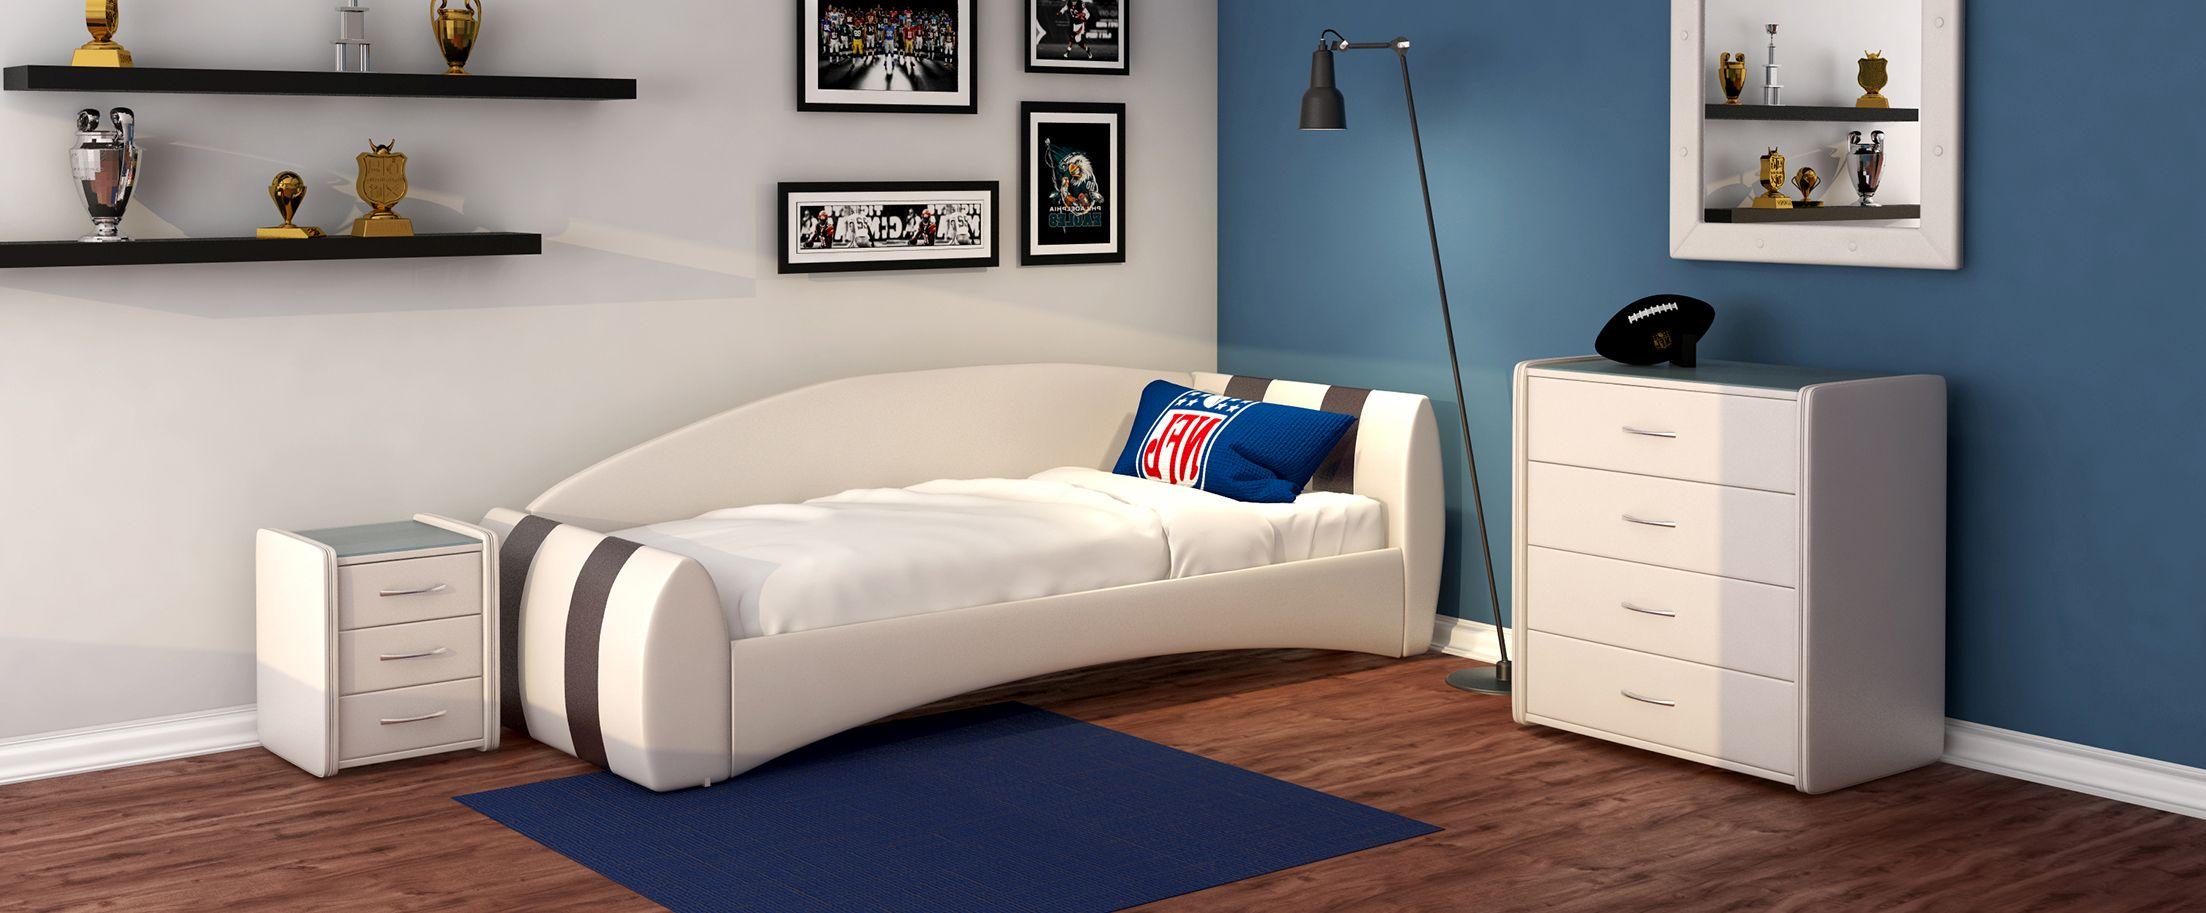 Кровать односпальная Кальвет (правая) Модель 386Односпальная модель с современным дизайном отлично впишется в интерьер подростковой комнаты. Расположение спинки возможно как левое, так и правое.<br><br>Ширина см: 99<br>Глубина см: 250<br>Высота см: 81<br>Ширина спального места см: 90<br>Глубина спального места см: 190<br>Встроенное основание: Есть<br>Материал каркаса: ДСП<br>Материал обивки: Экокожа<br>Подъемный механизм: Нет<br>Цвет: Коричневый, Белый<br>Код ткани: Пралине, Марципан